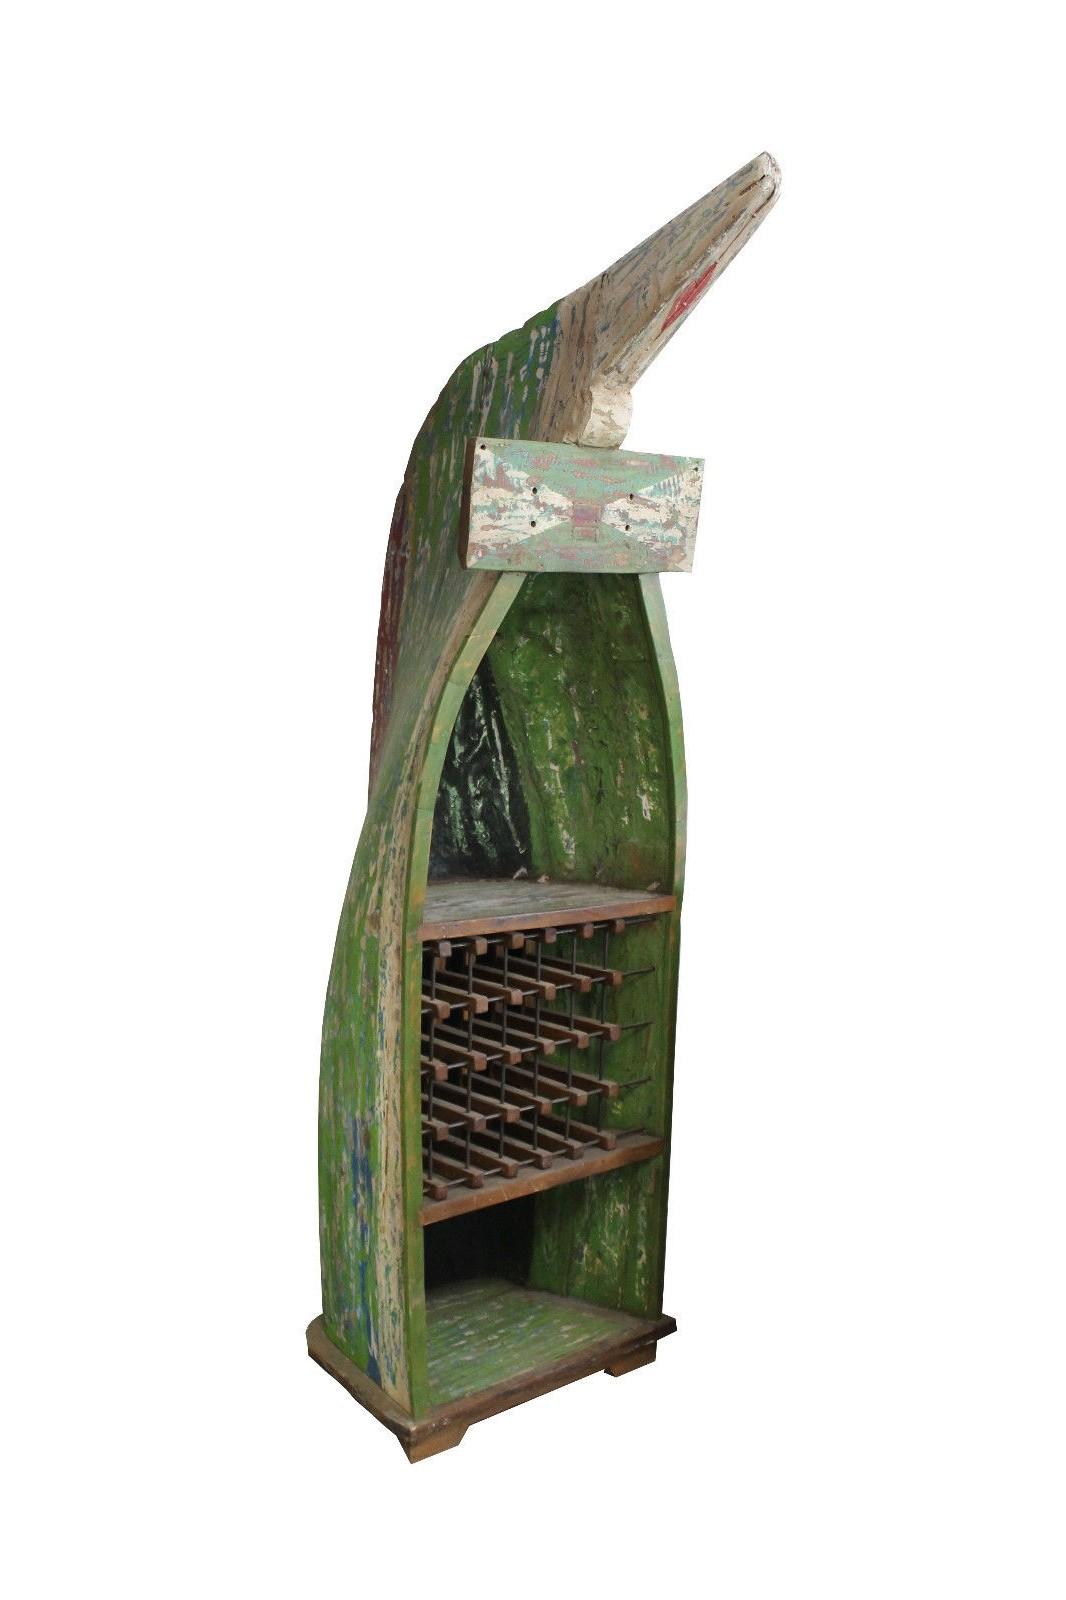 Teak Unikat Weinregal Boot grün weiss 255cm